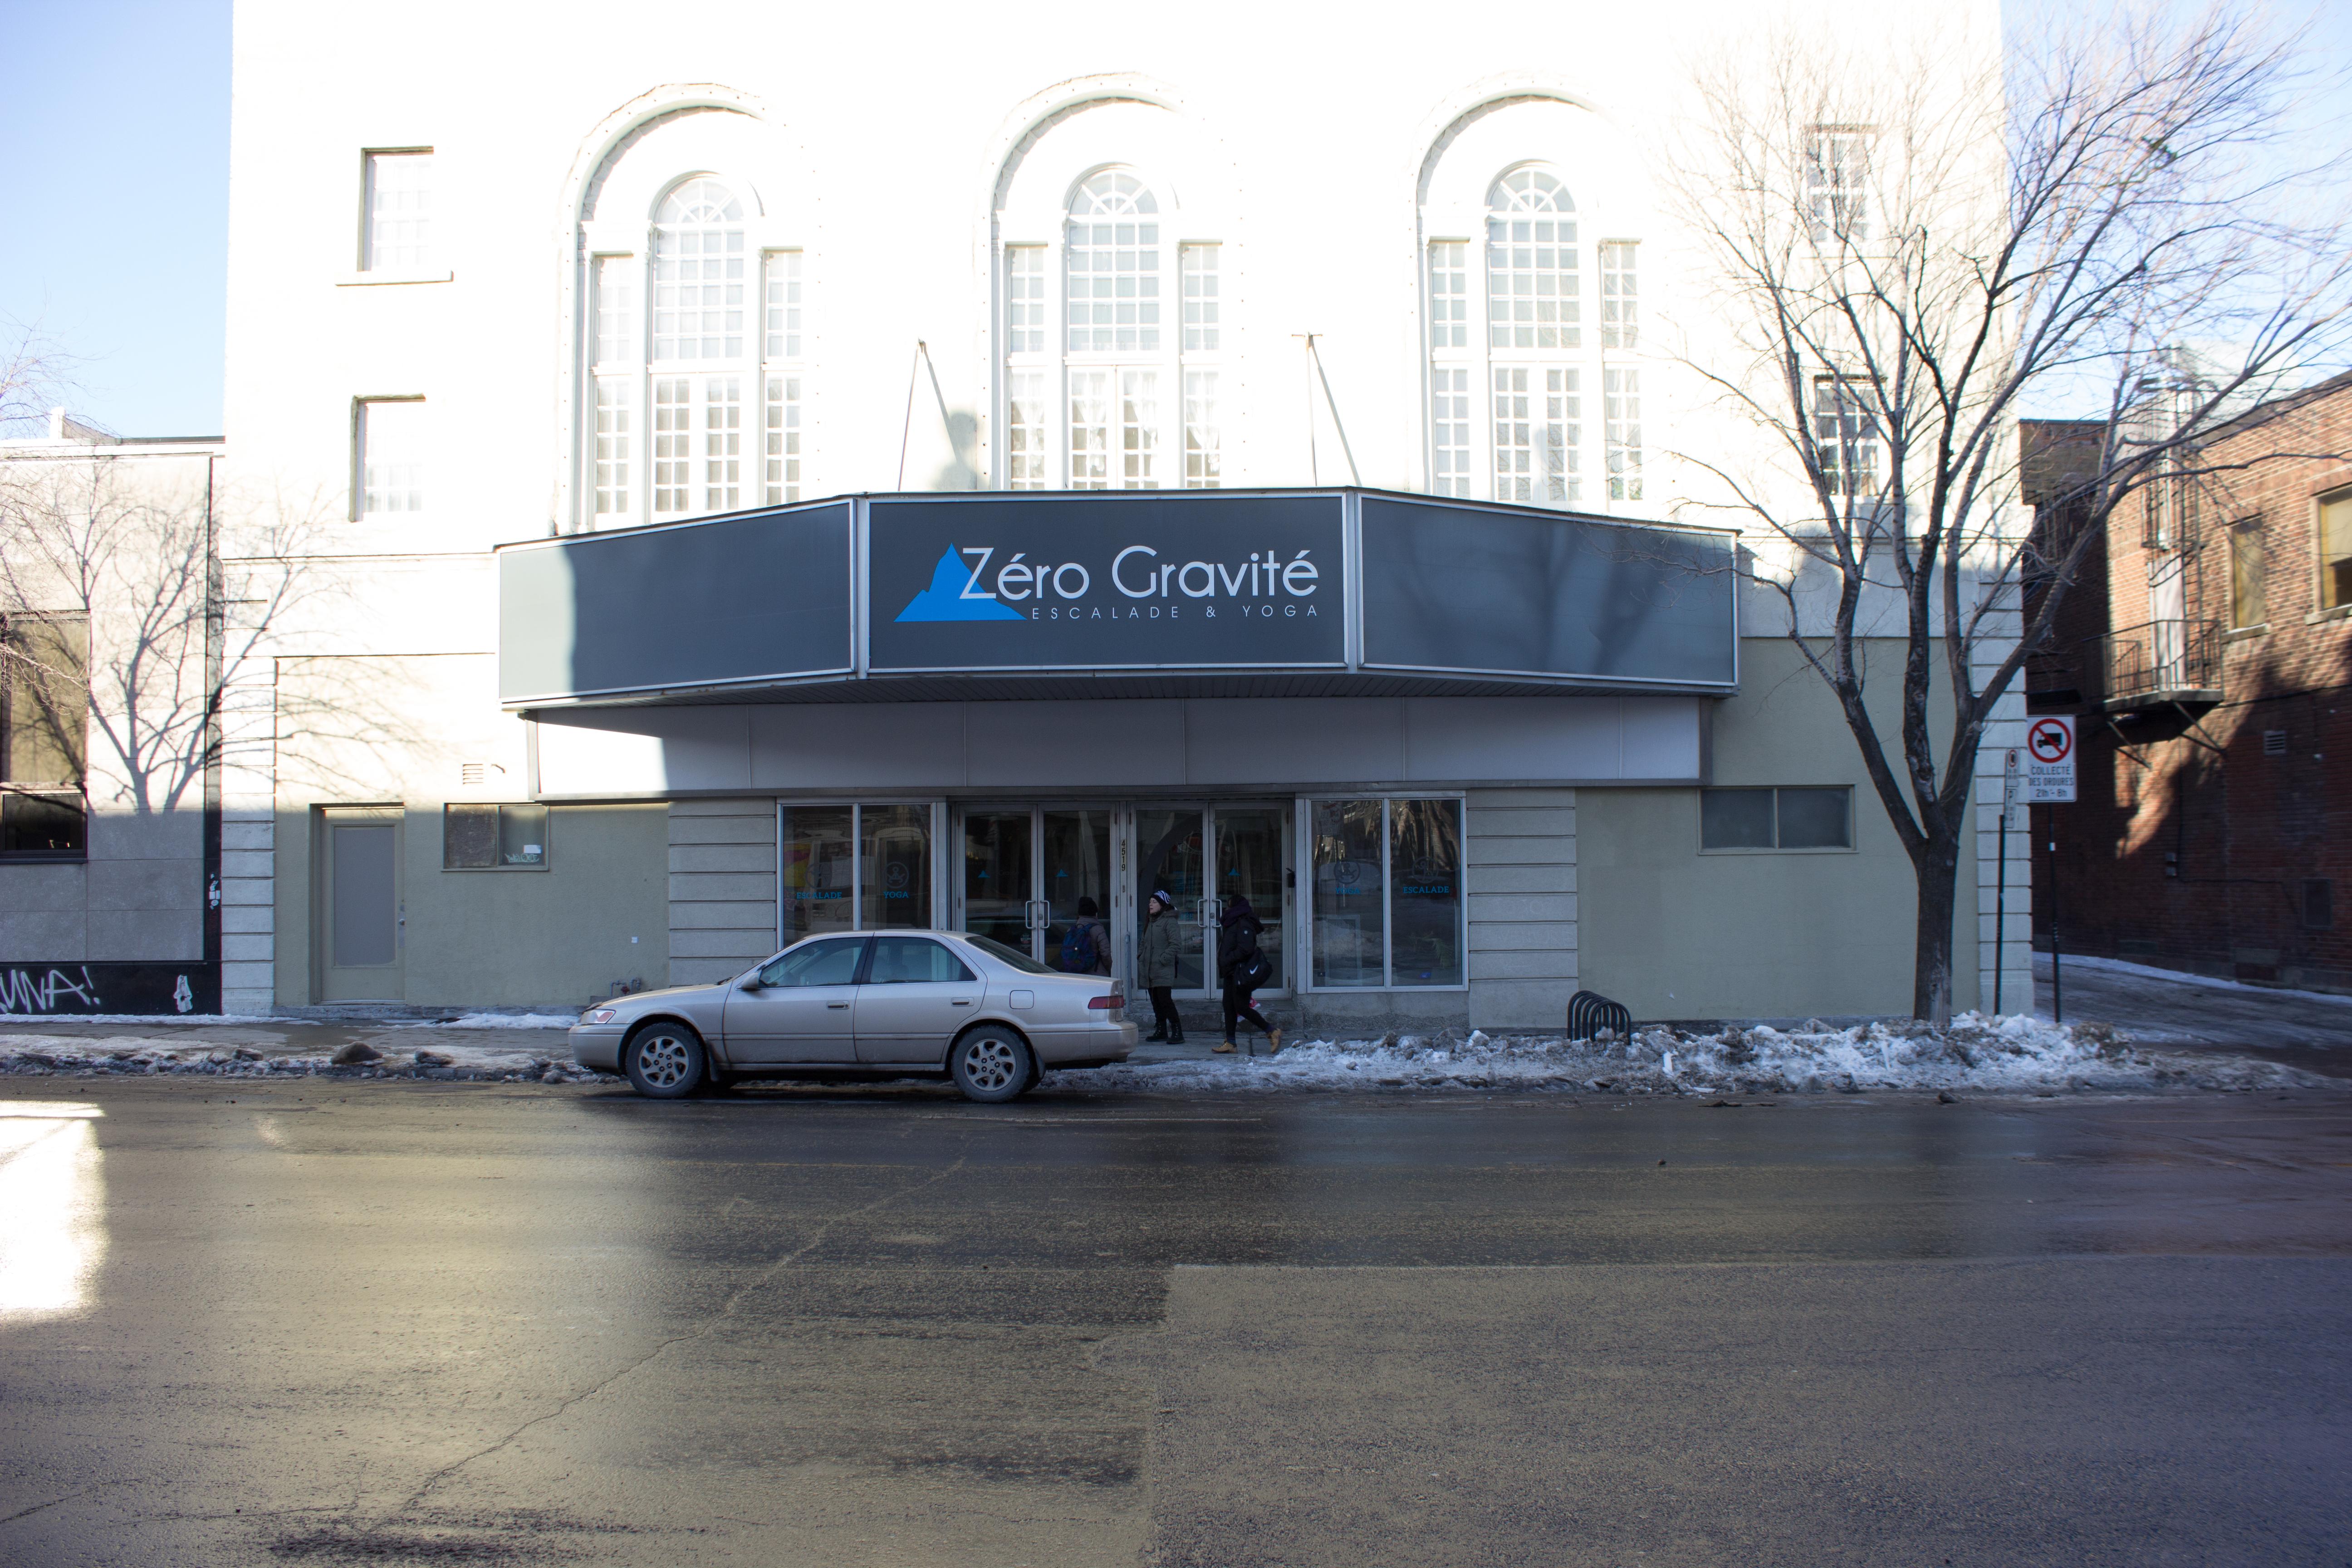 Zero Gravité's building is a large part of Le Plateau's history. Photos by Melissa Martella.